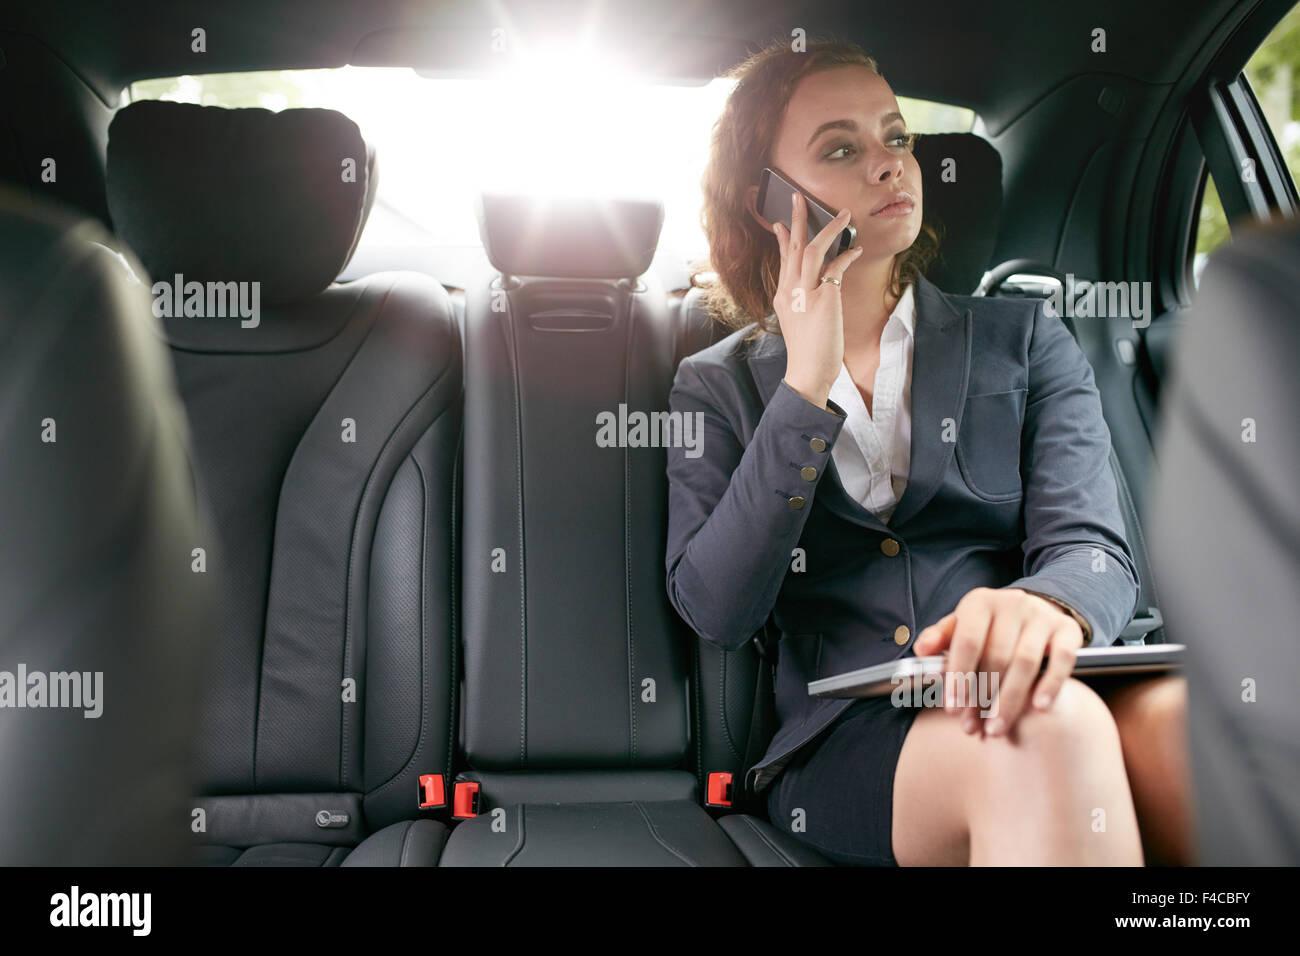 Geschäftsfrau mit Handy auf dem Rücksitz eines Autos. Weibliche Mitarbeiter telefonieren während Stockbild